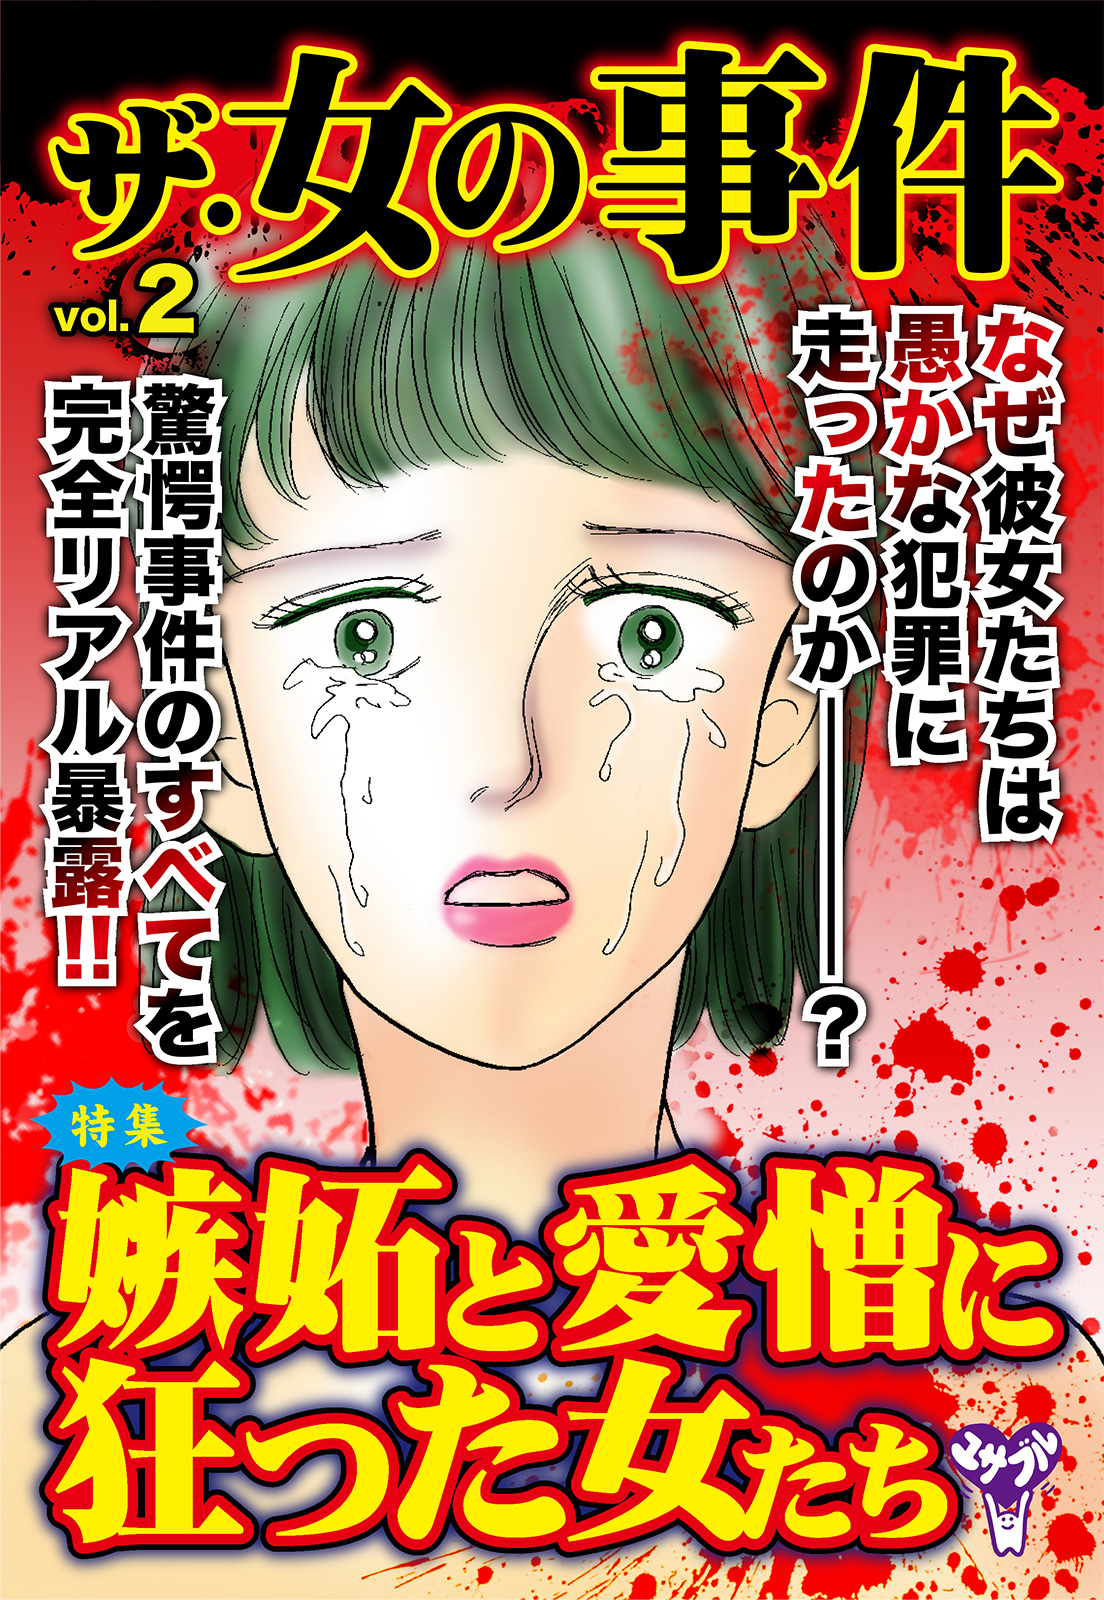 ザ・女の事件Vol.2(狂った姉妹の絆~姉が妹の姑を襲撃したワケ)